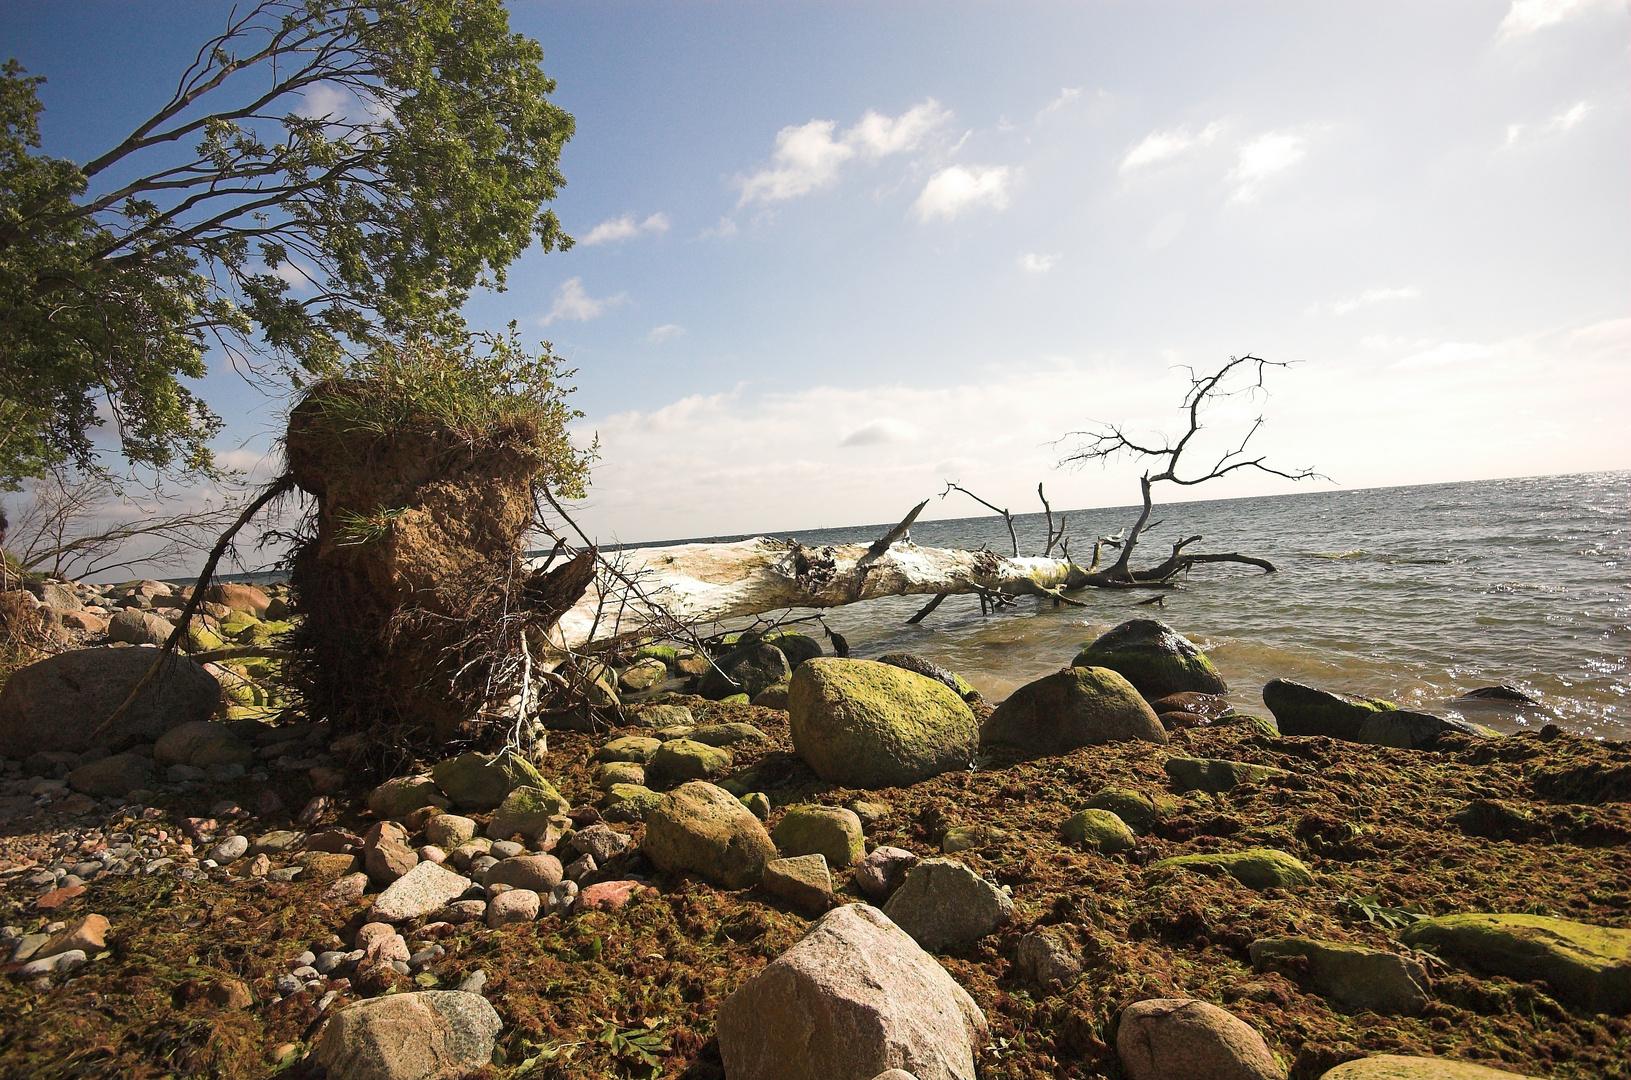 Am Strand von Kap Arkona / Rügen